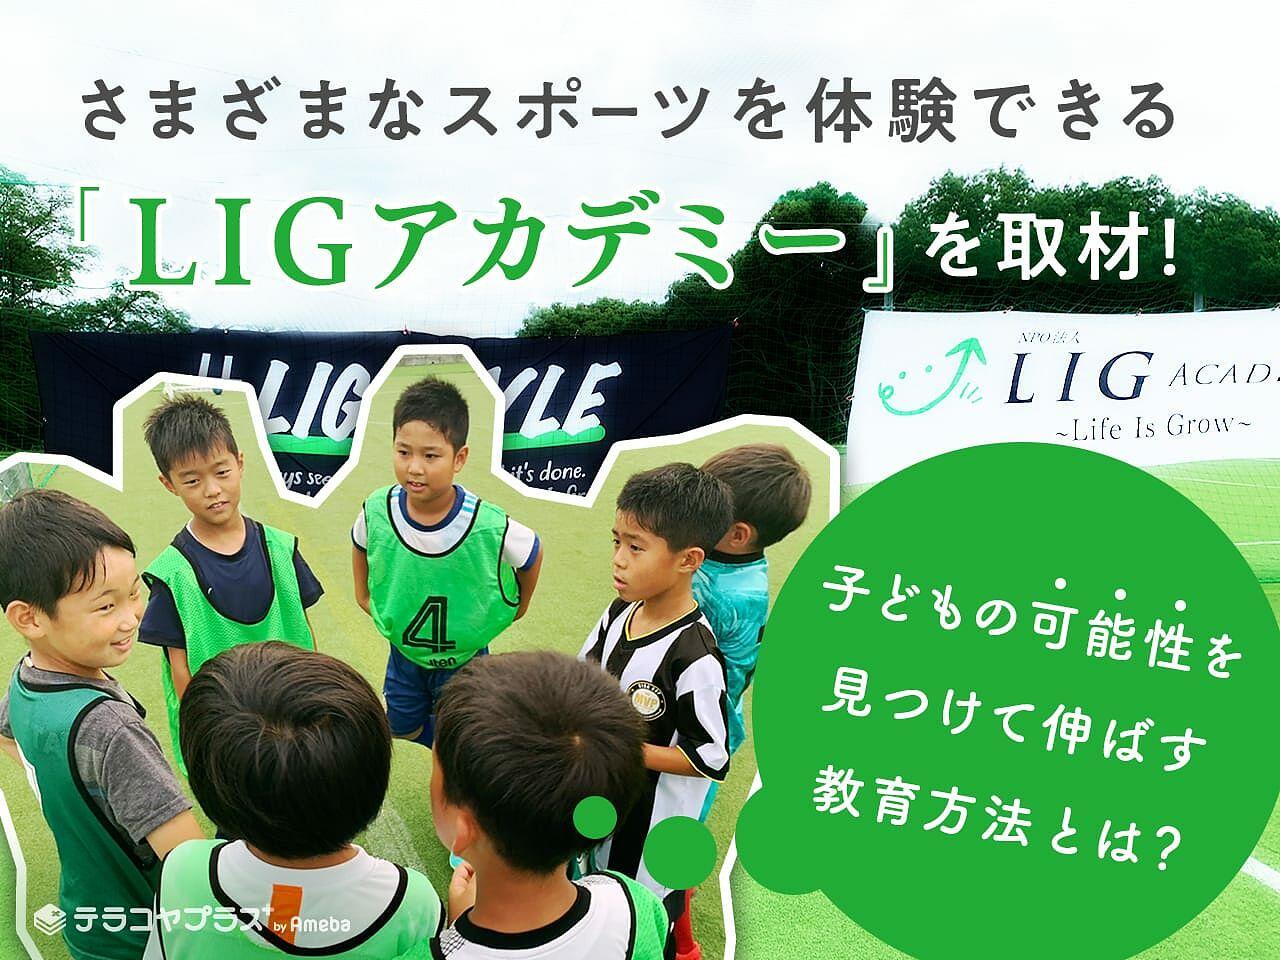 さまざまなスポーツを体験できる「LIGアカデミー」を取材!子どもの可能性を見つけて伸ばす教育方法とは?の画像